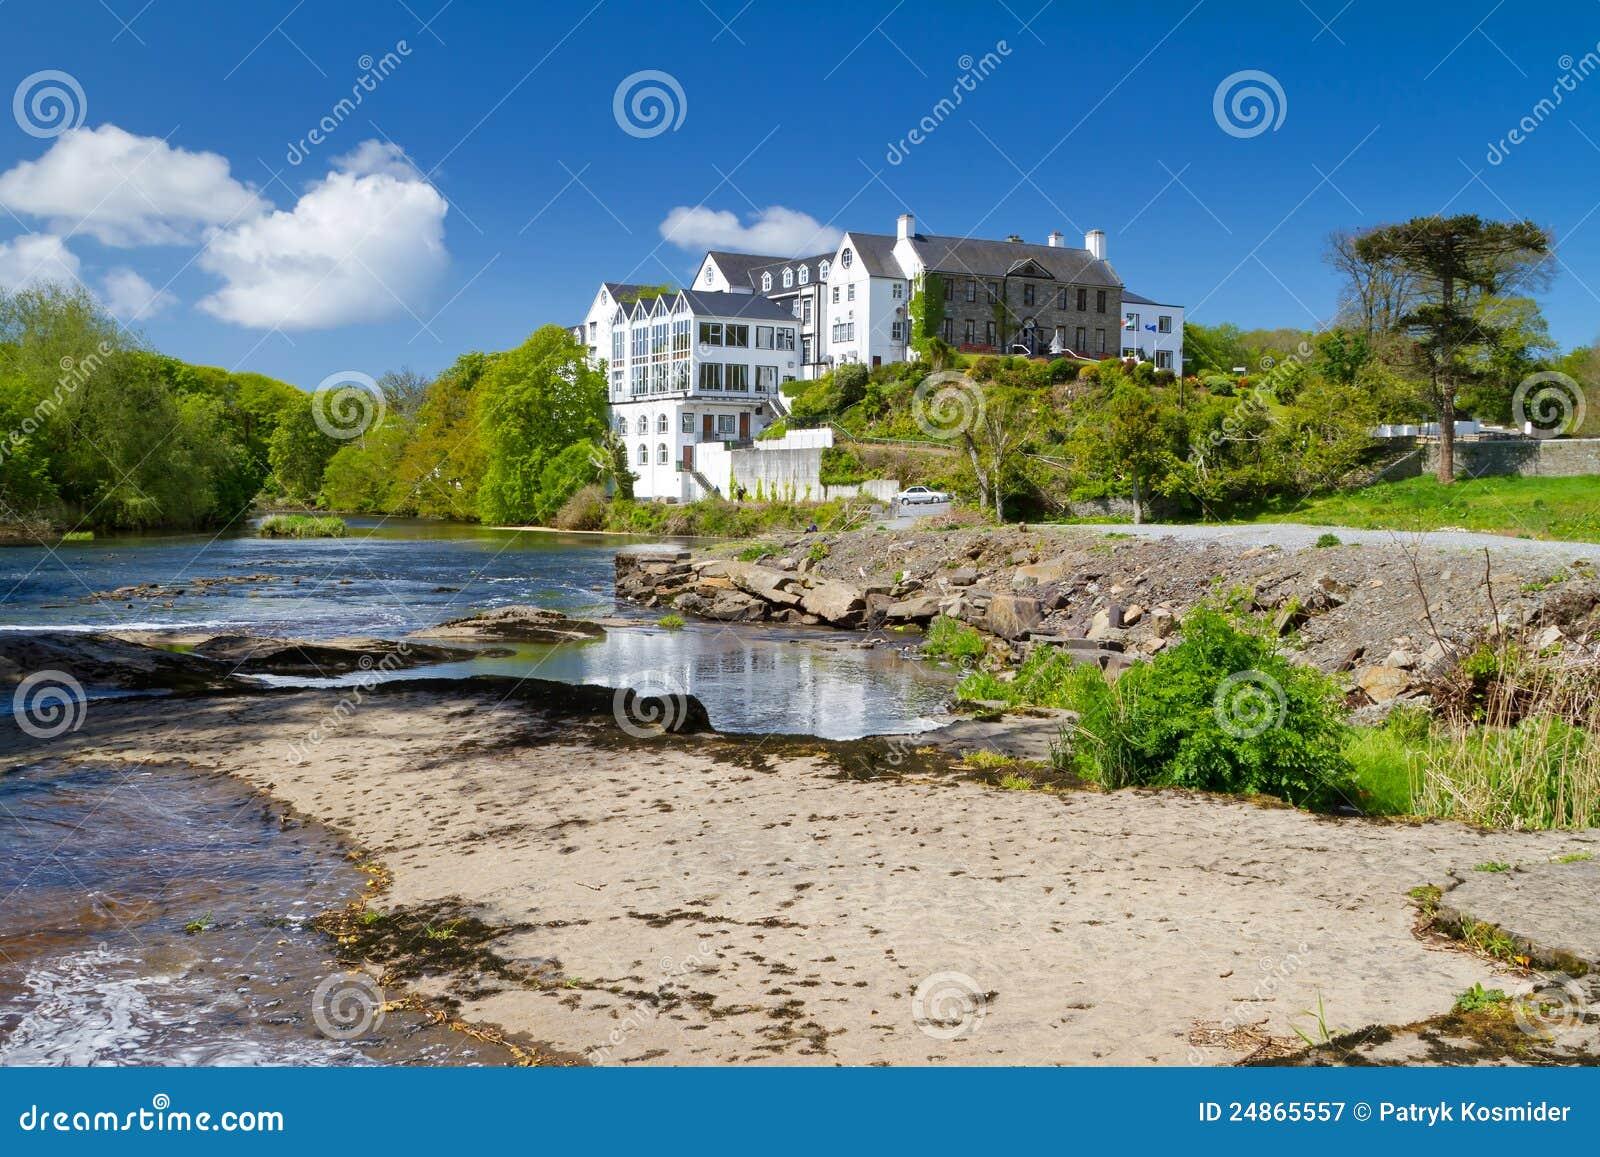 Ennistymon καλοκαίρι τοπίου ποταμών